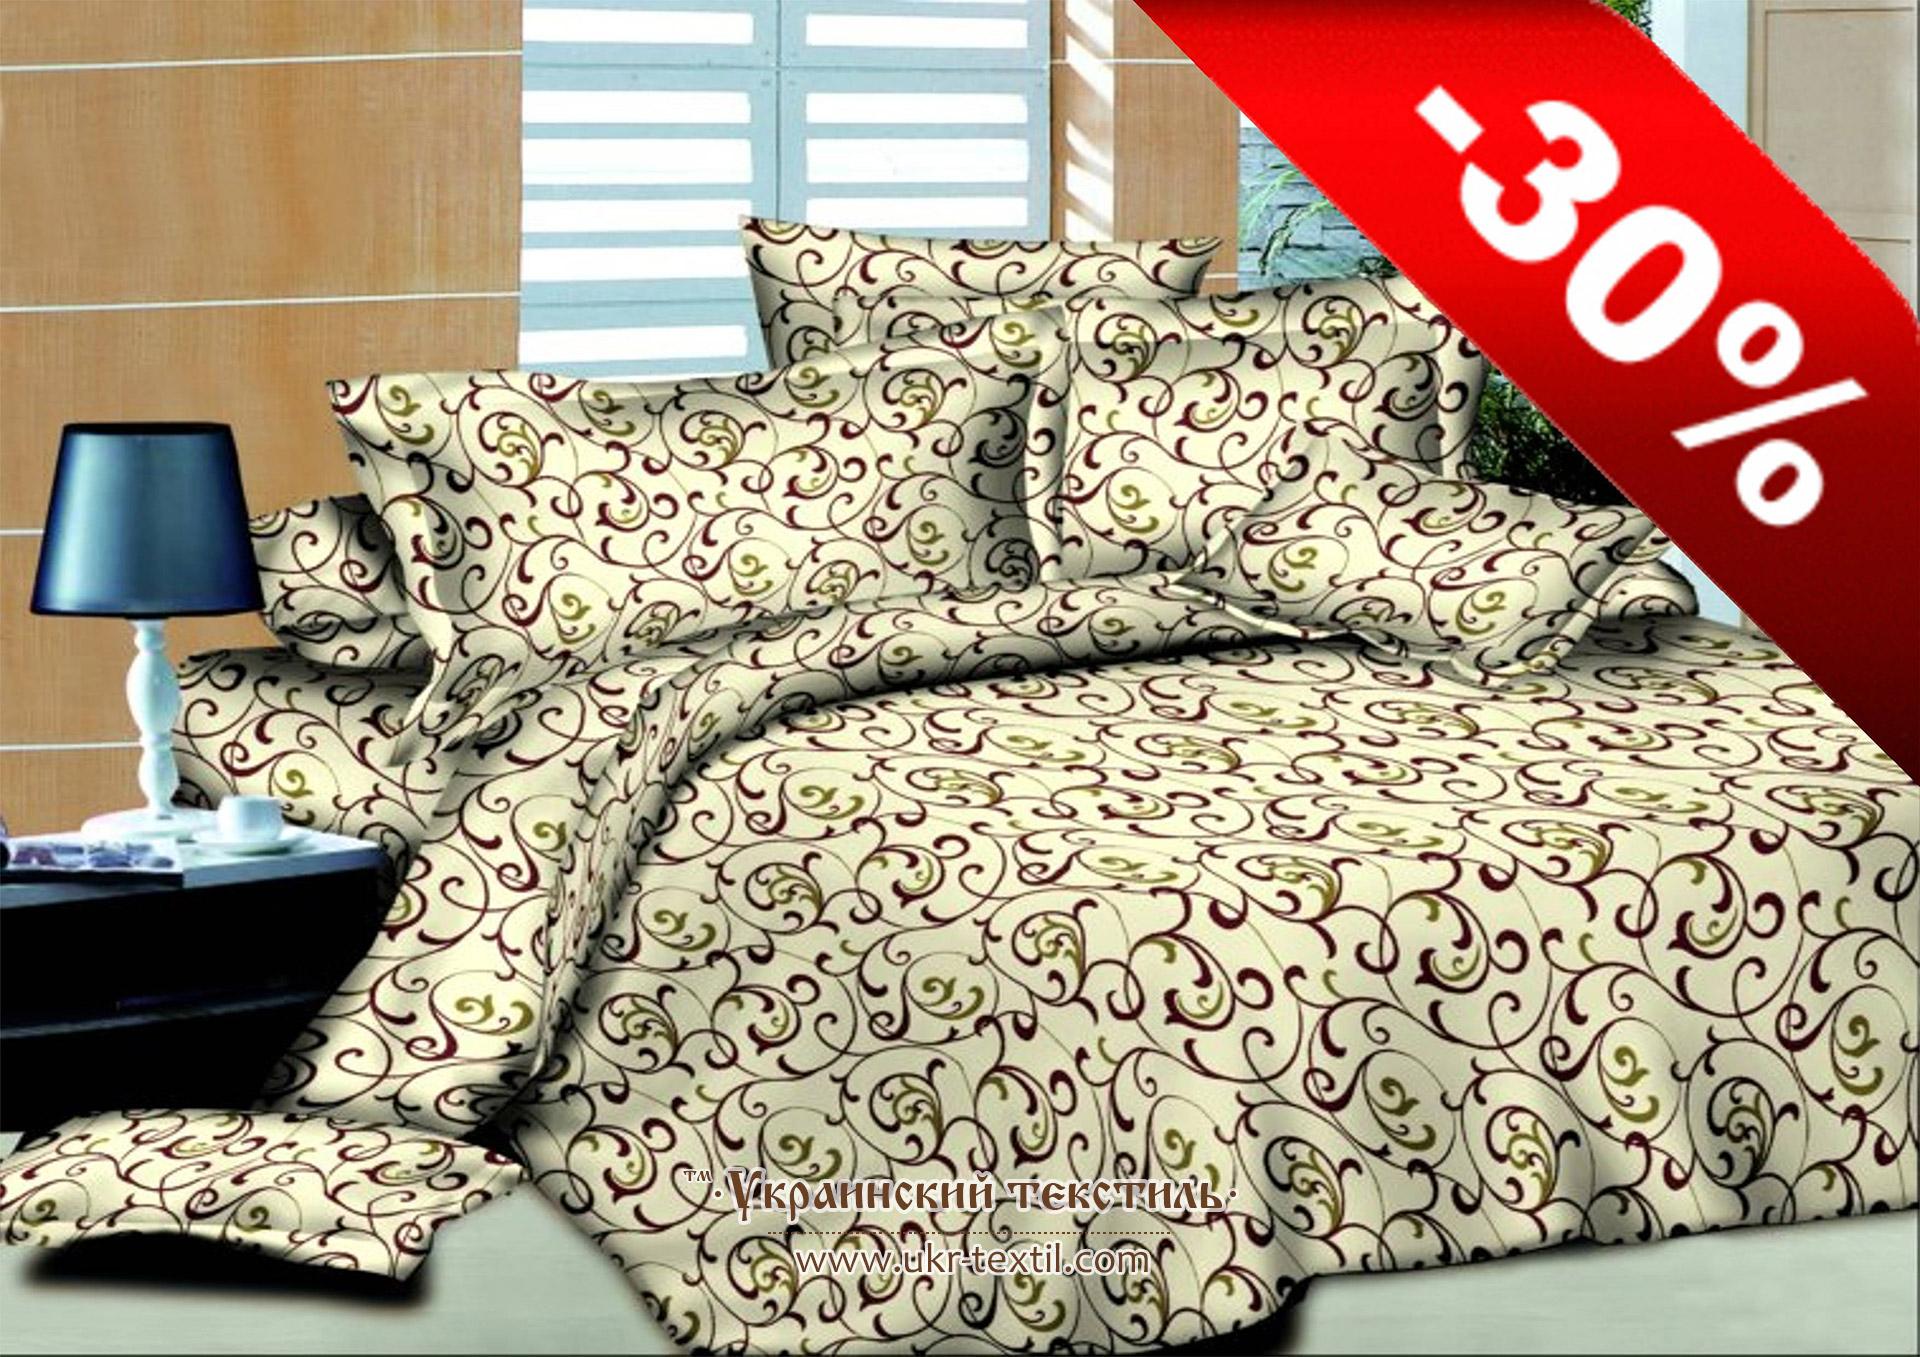 распродажа постельного белья домашнего текстиля и трикотажа украина b4cac6e83a3f9